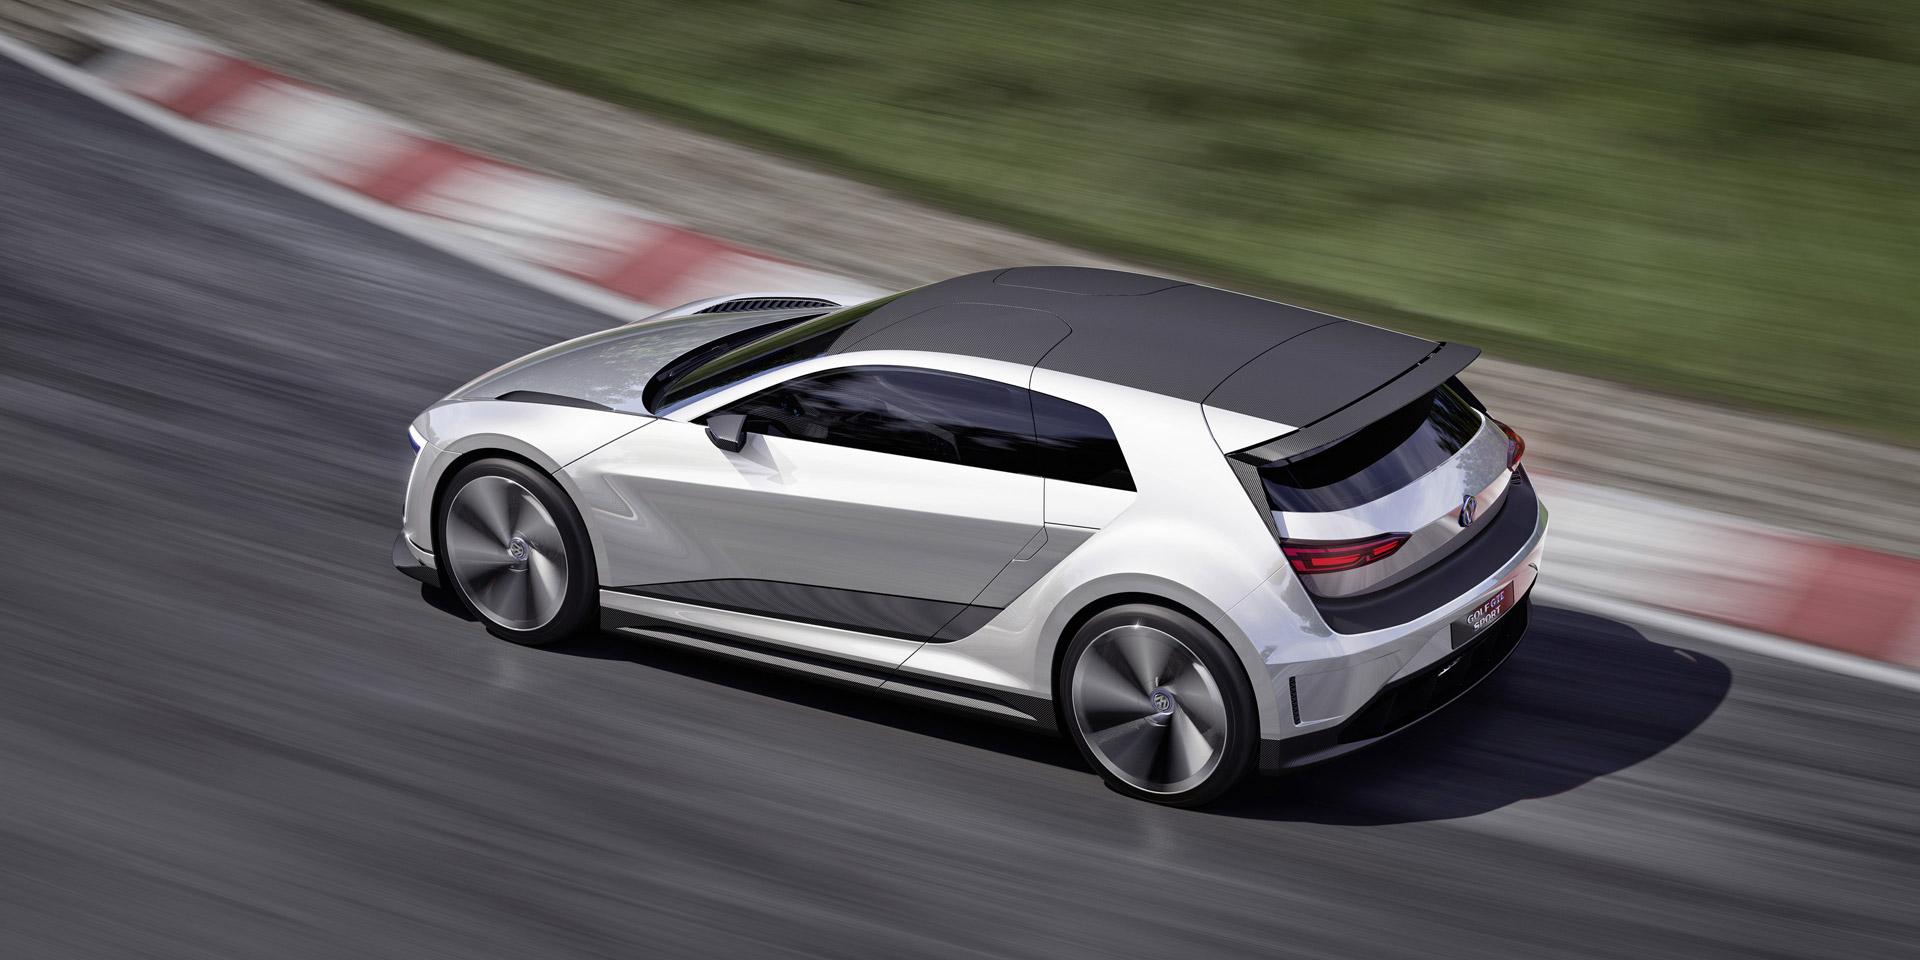 vw golf gte sport concept 174 mph plug in hybrid carbon. Black Bedroom Furniture Sets. Home Design Ideas